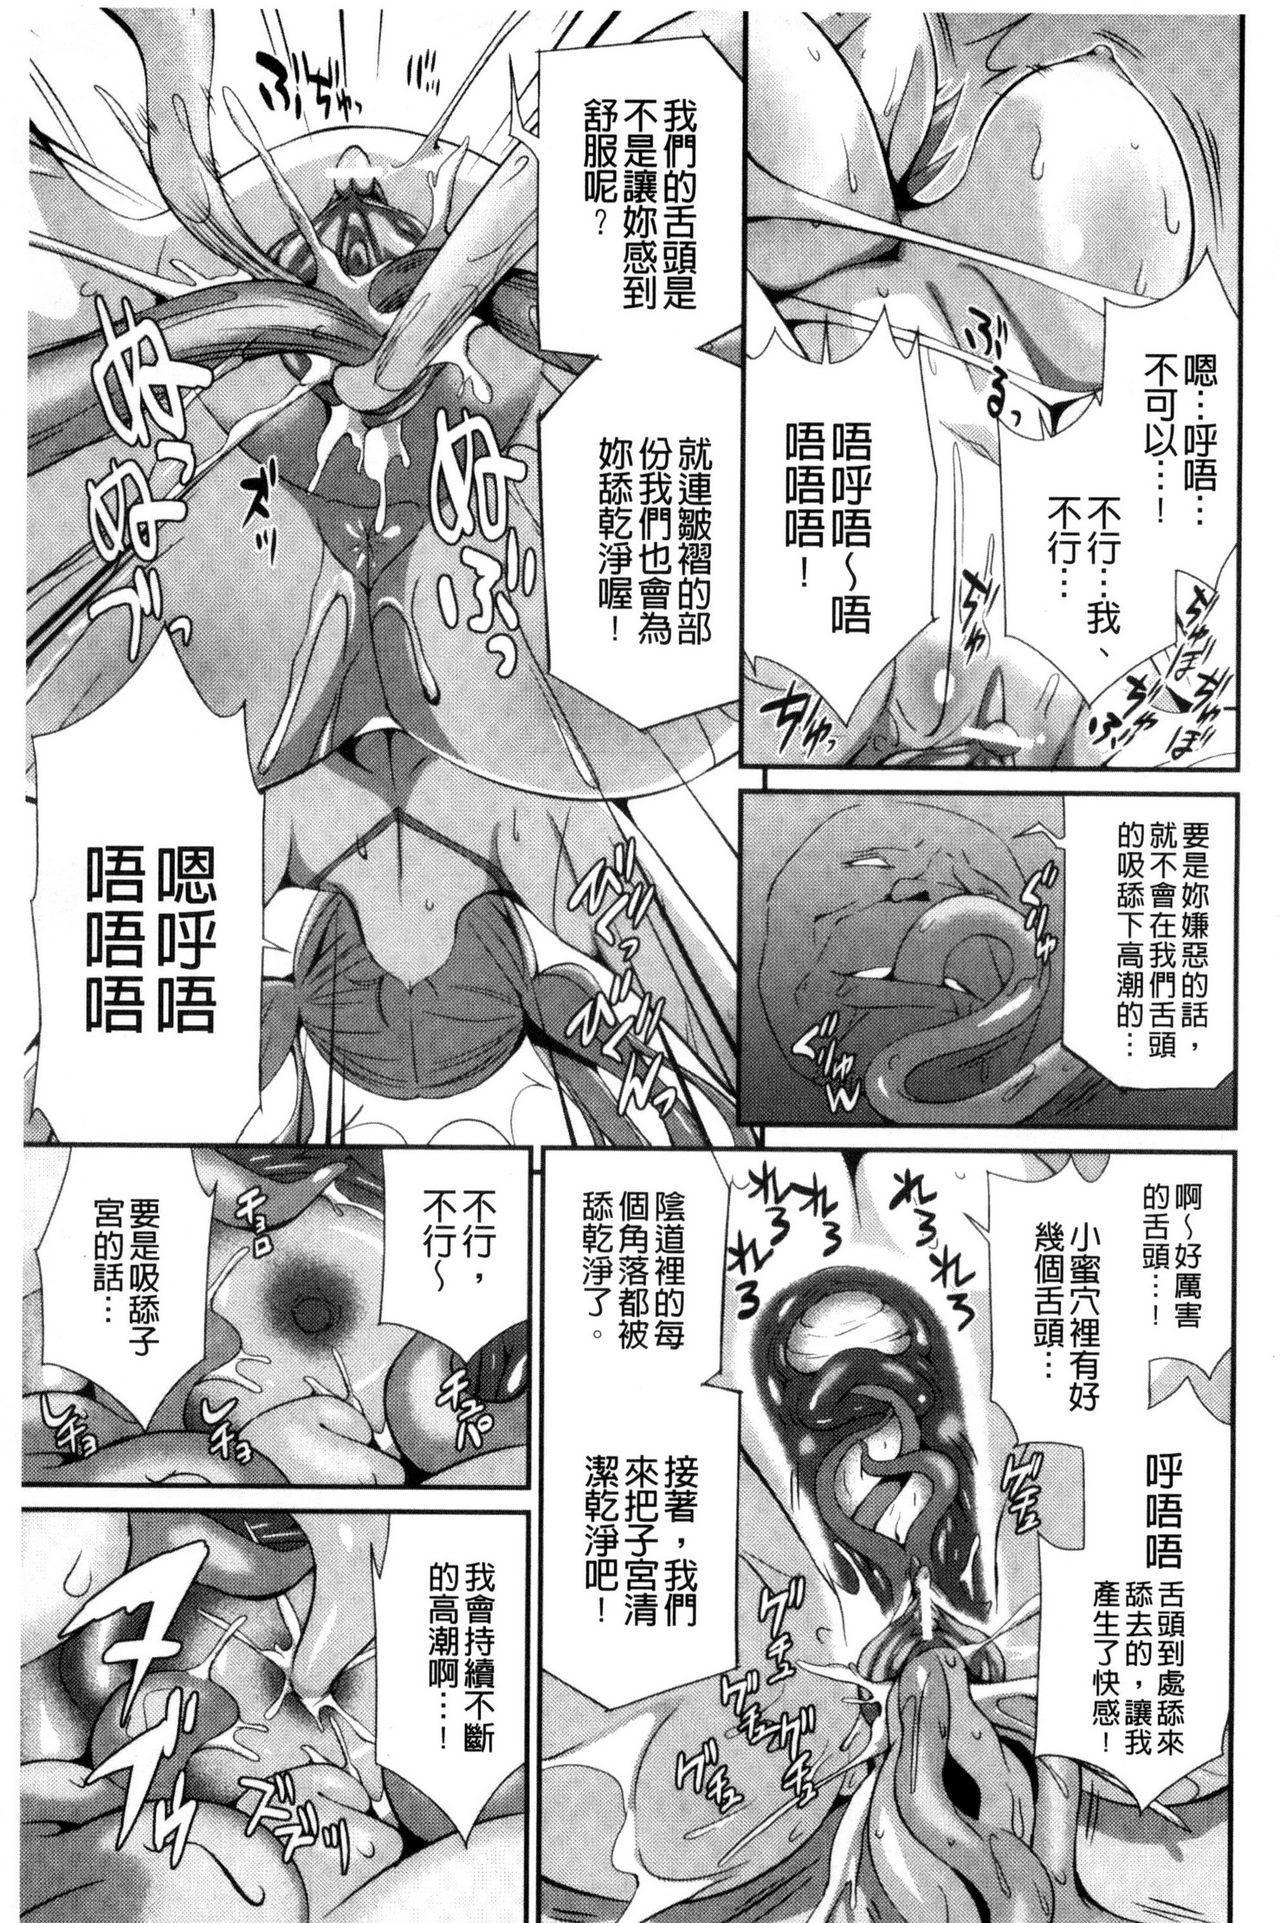 Busou Senki 53